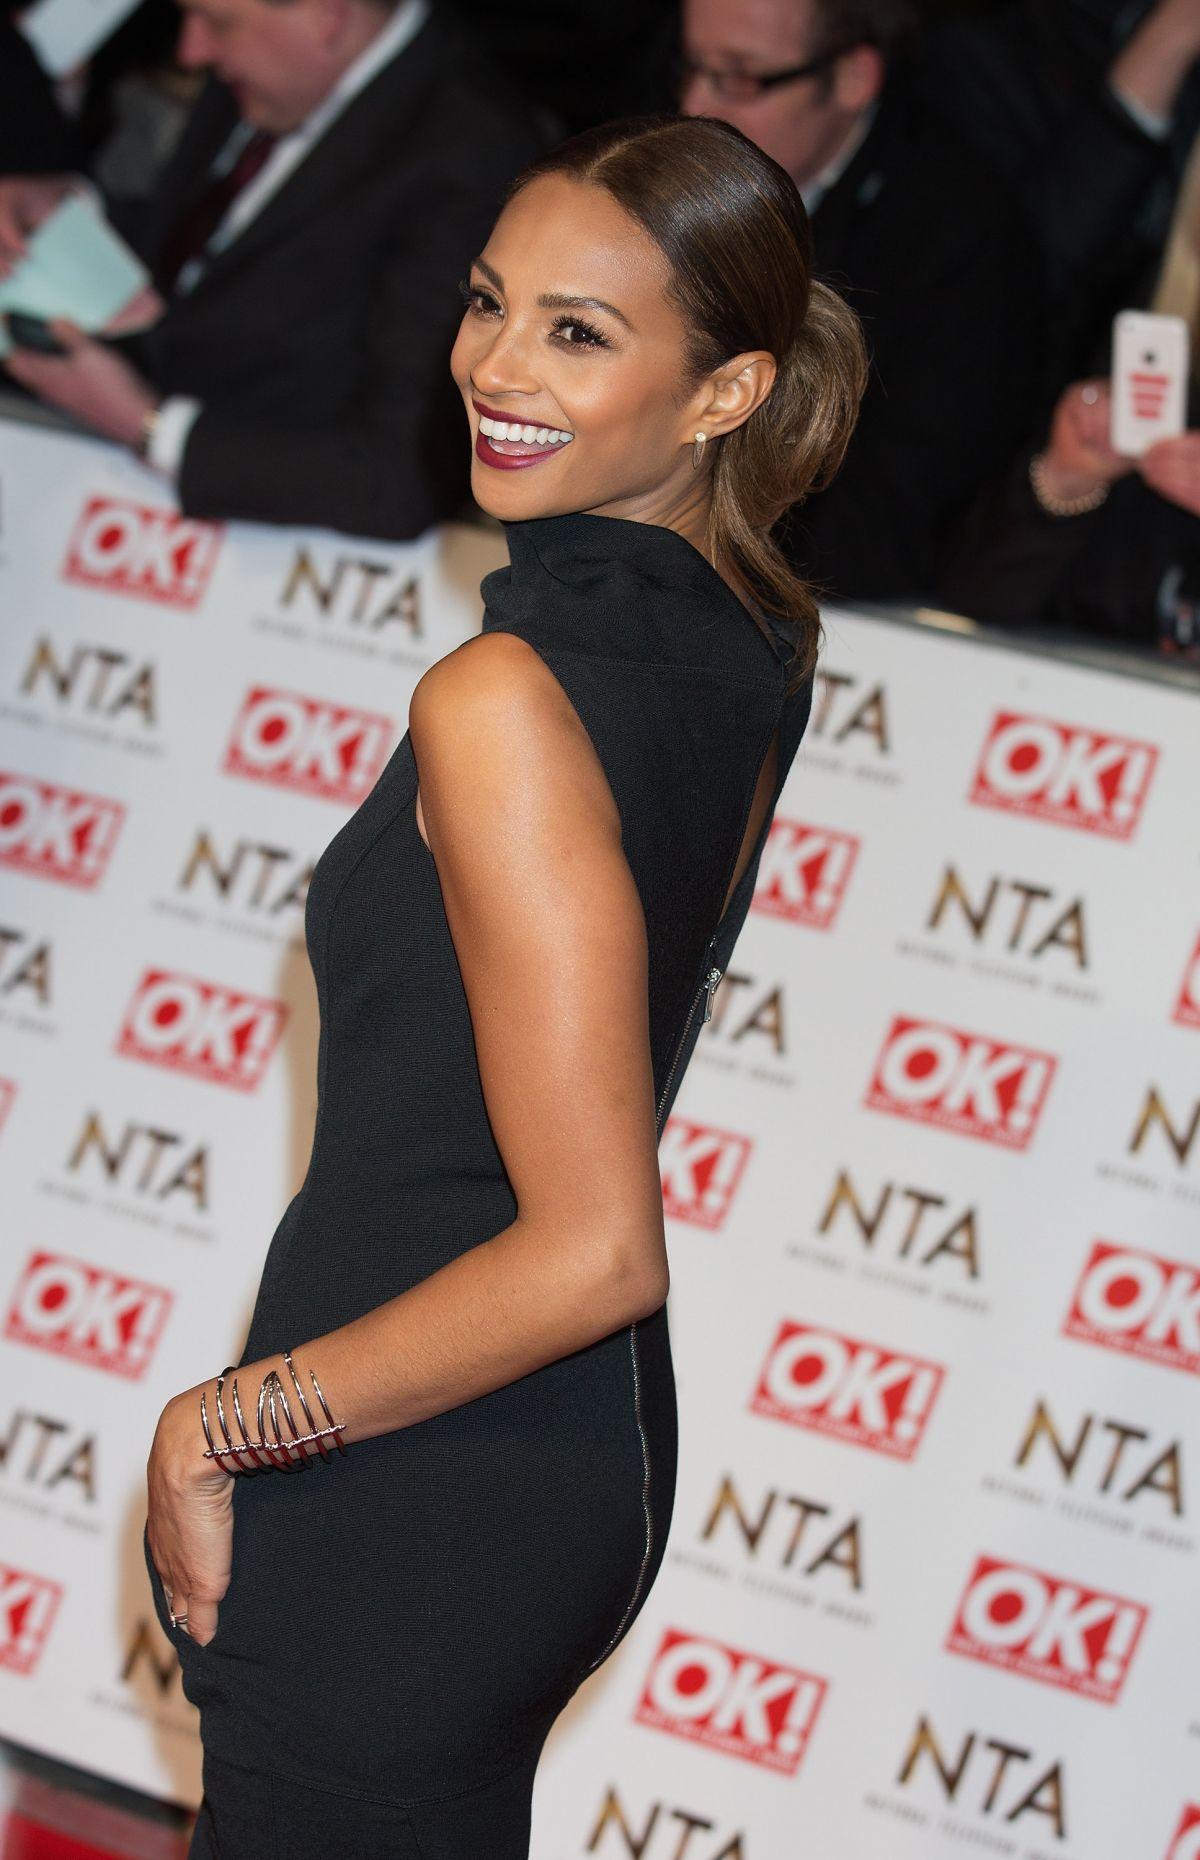 ALESHA DIXON at 2015 National Television Awards in London